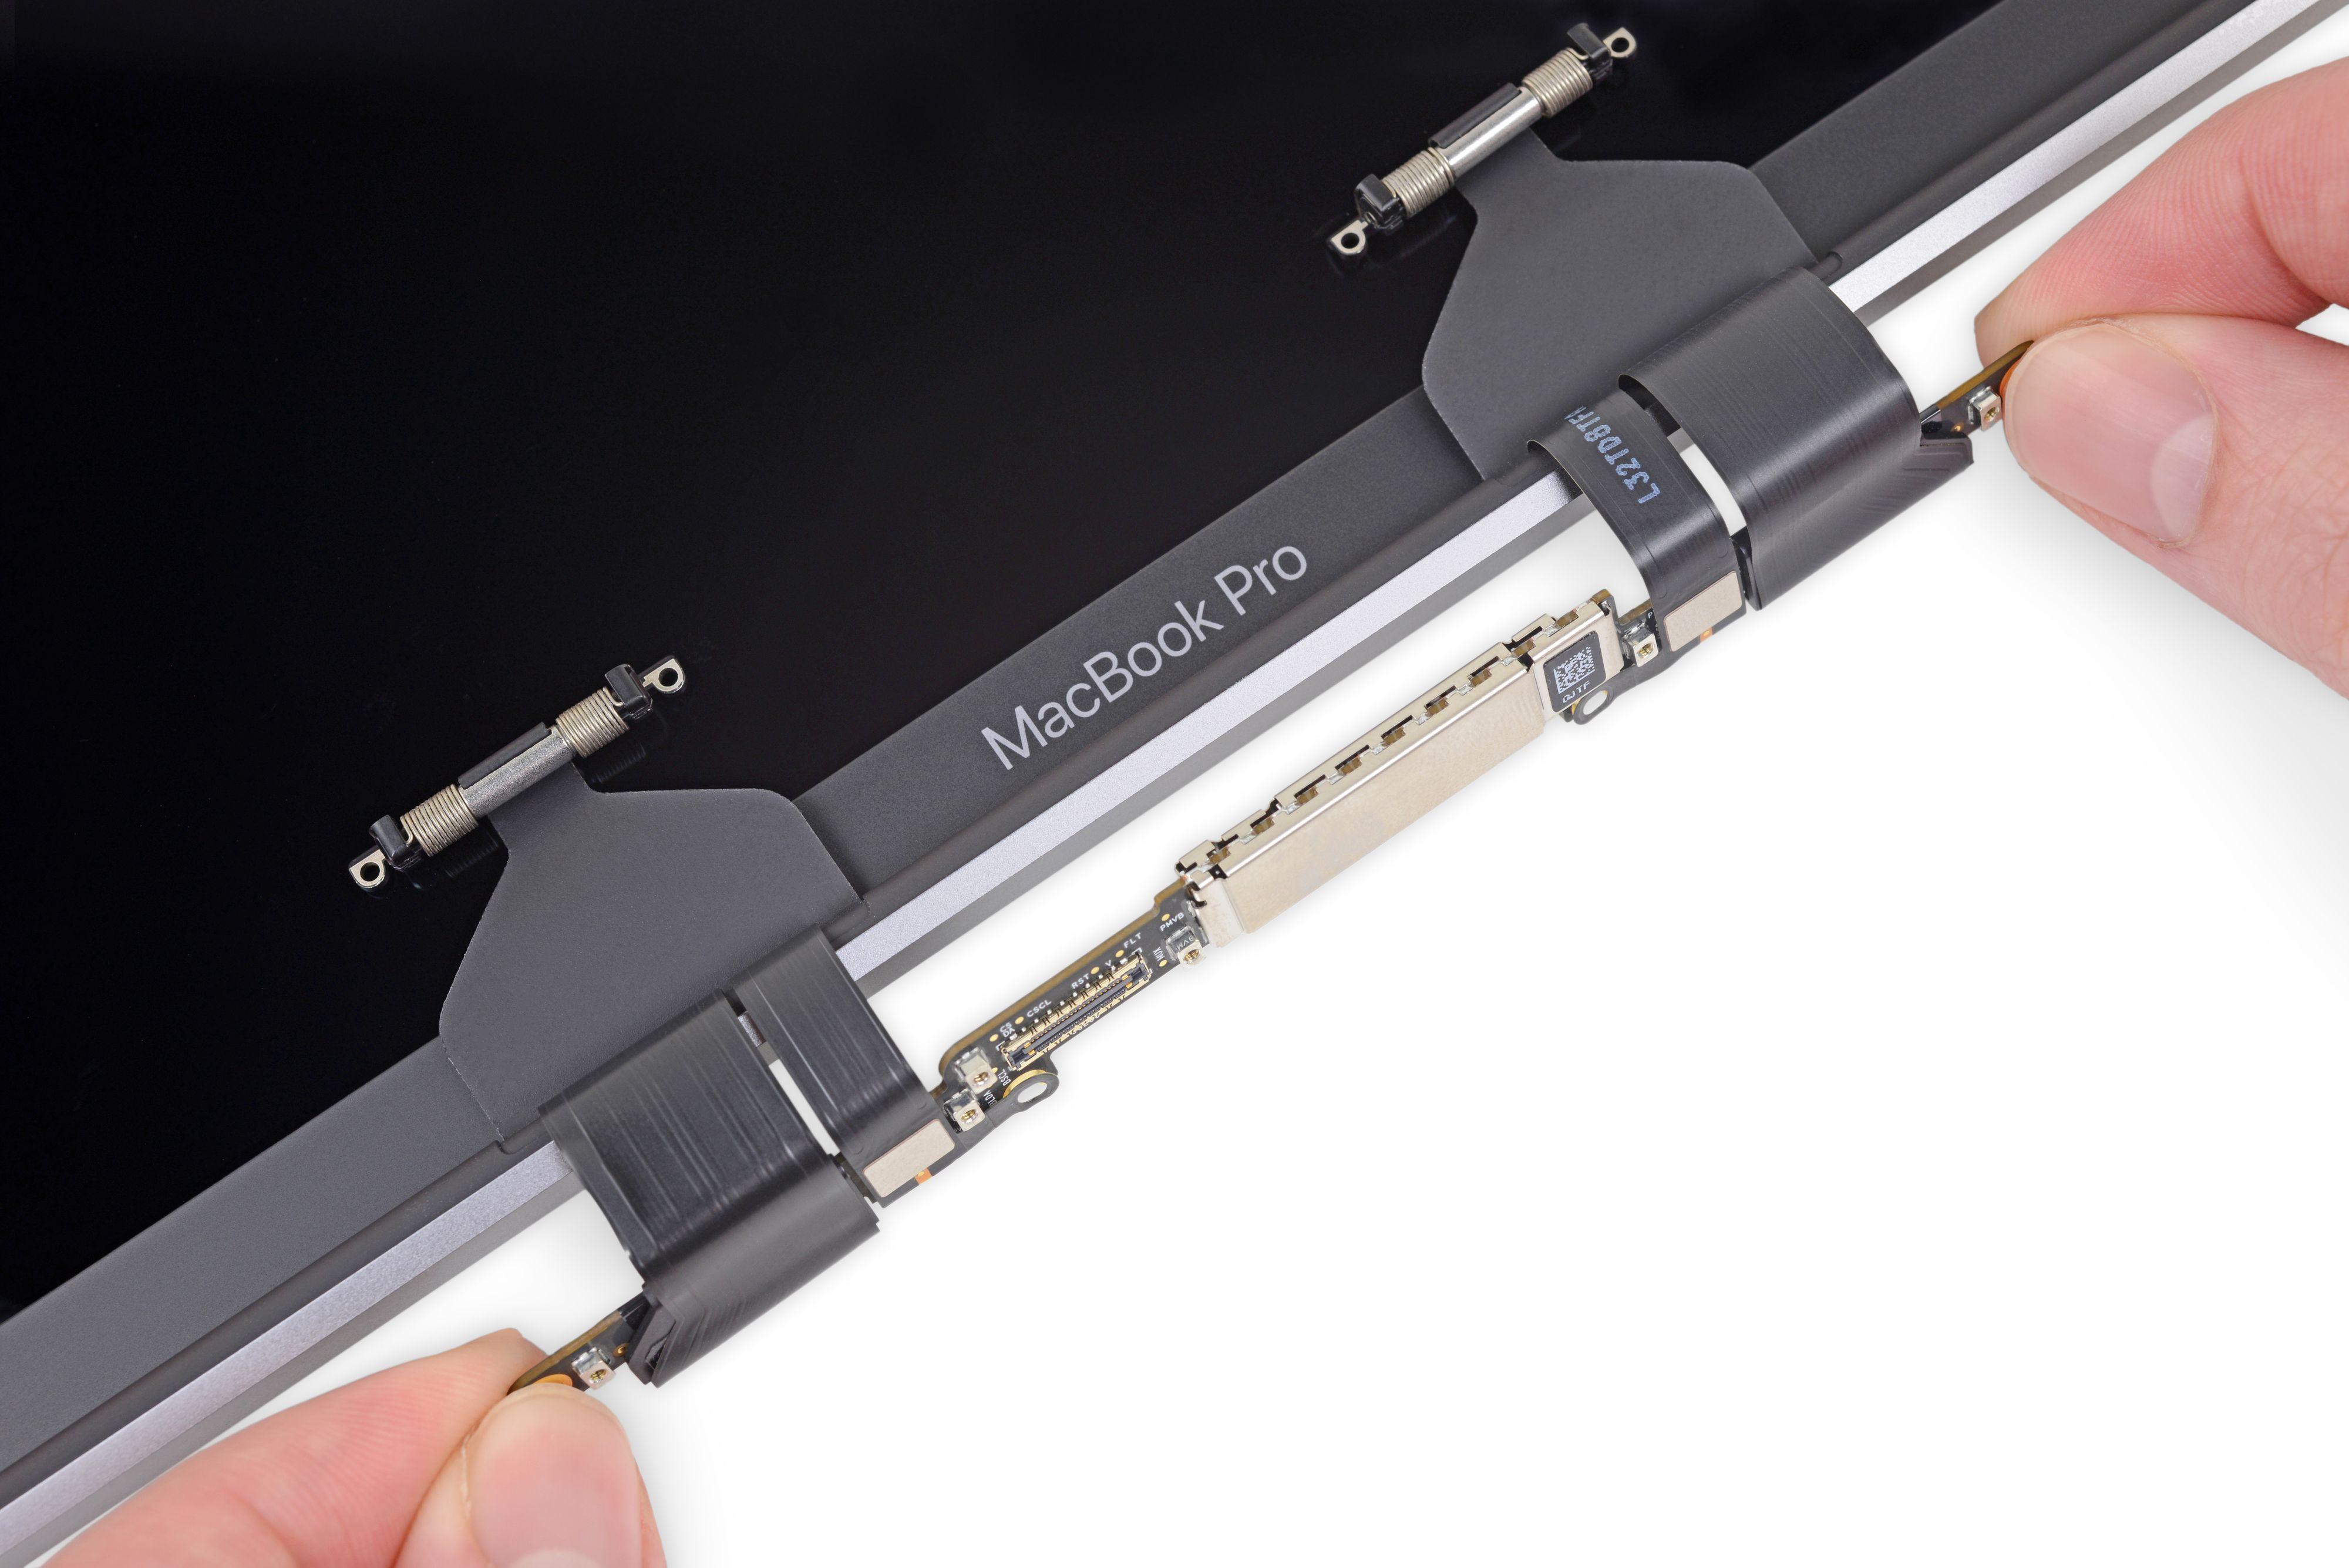 Dette er skjermkabelen til MacBook Pro som nå skaper problemer for Apple. Kabelen havner under press når skjermen åpnes og lukkes, noe som tærer på over lengre tids bruk.